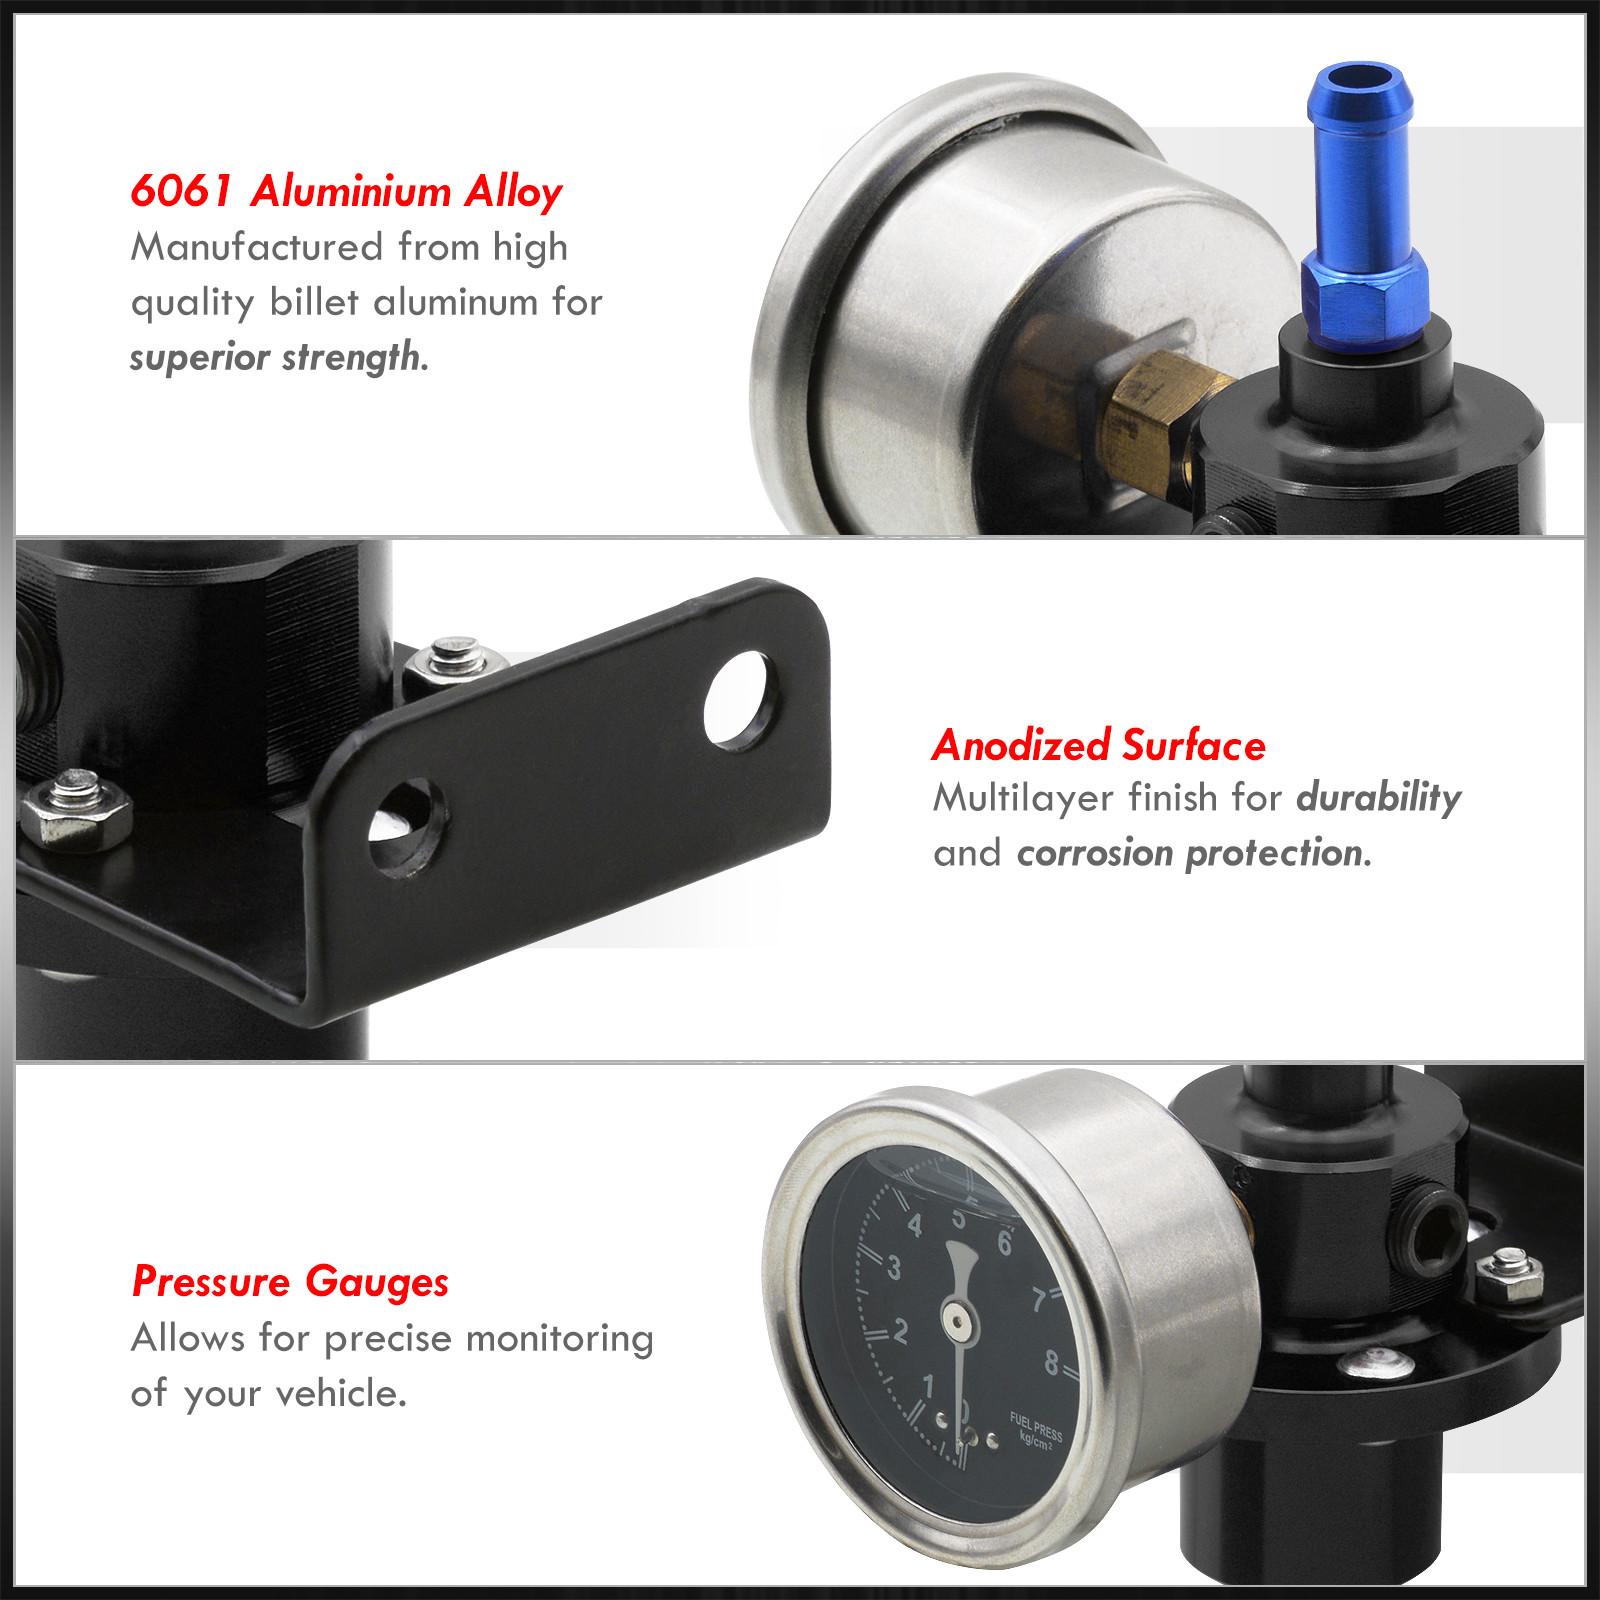 Black Adjustable Fuel Pressure Regulator Gauge Jdm Fpr 1:1 0-140 Psi Jdm Vip Set